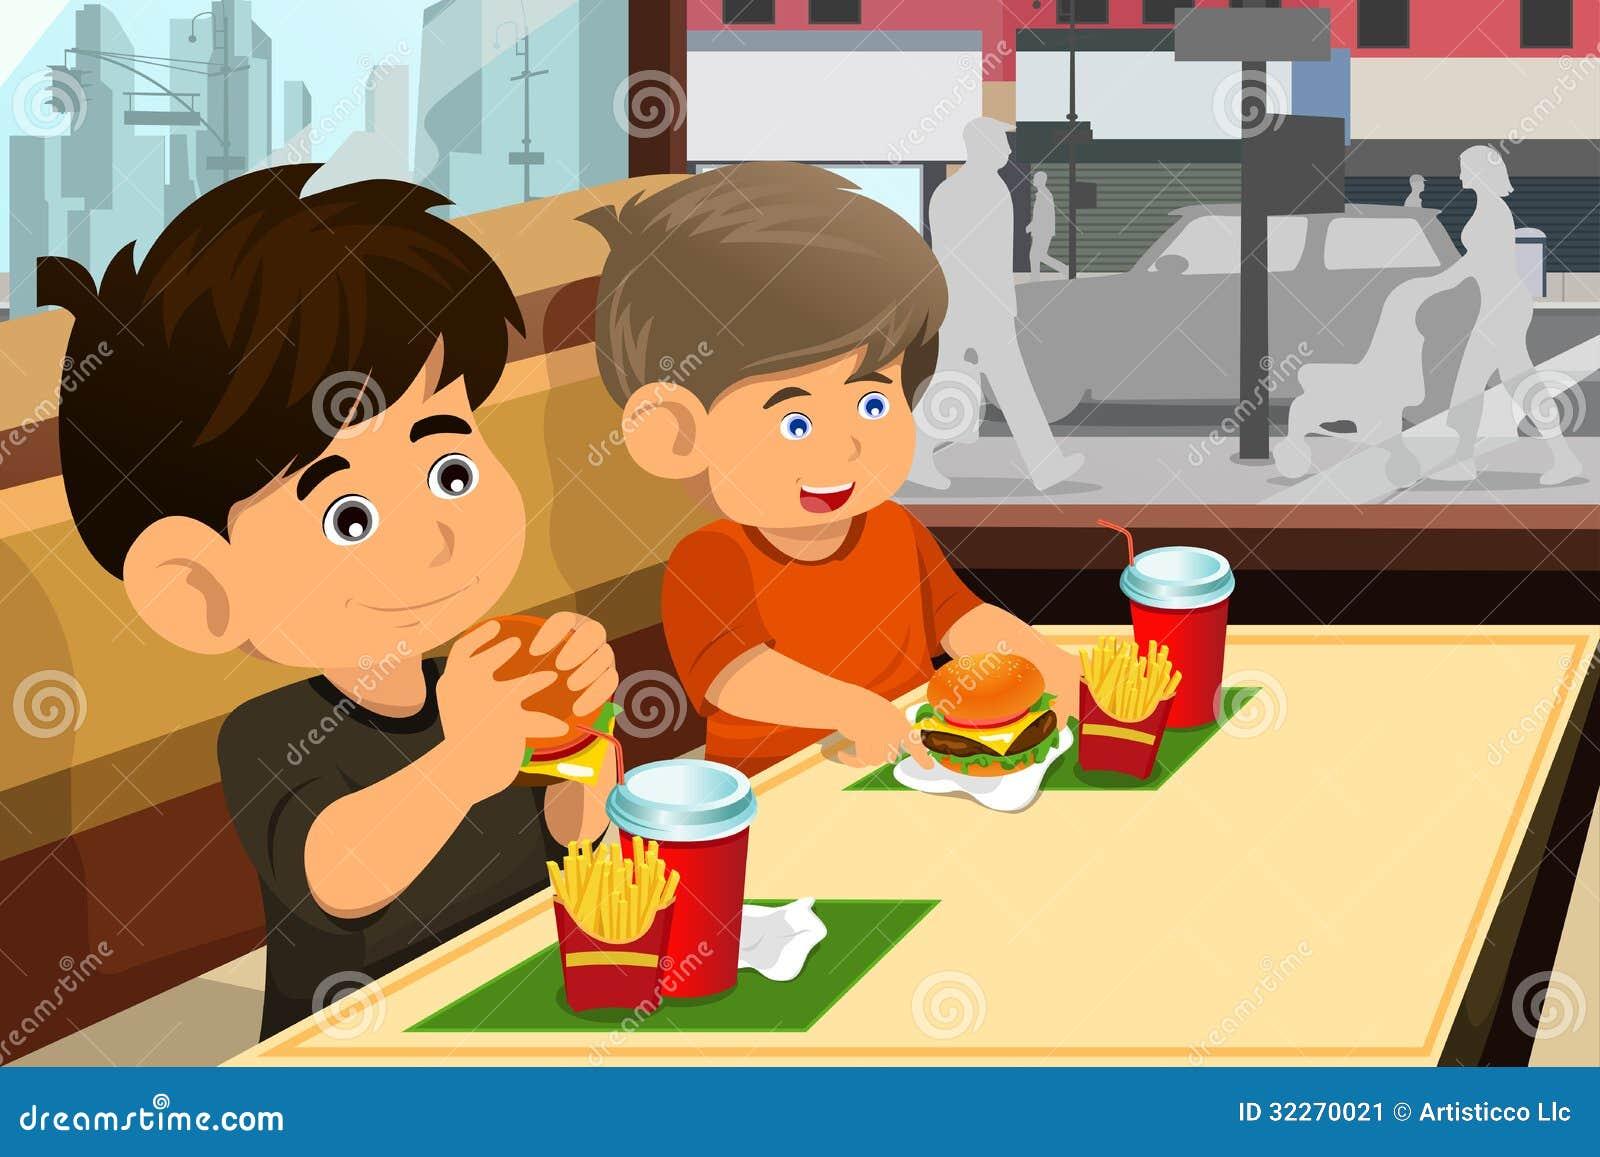 Kids Eating Hamburger And Fries Stock Vector ...